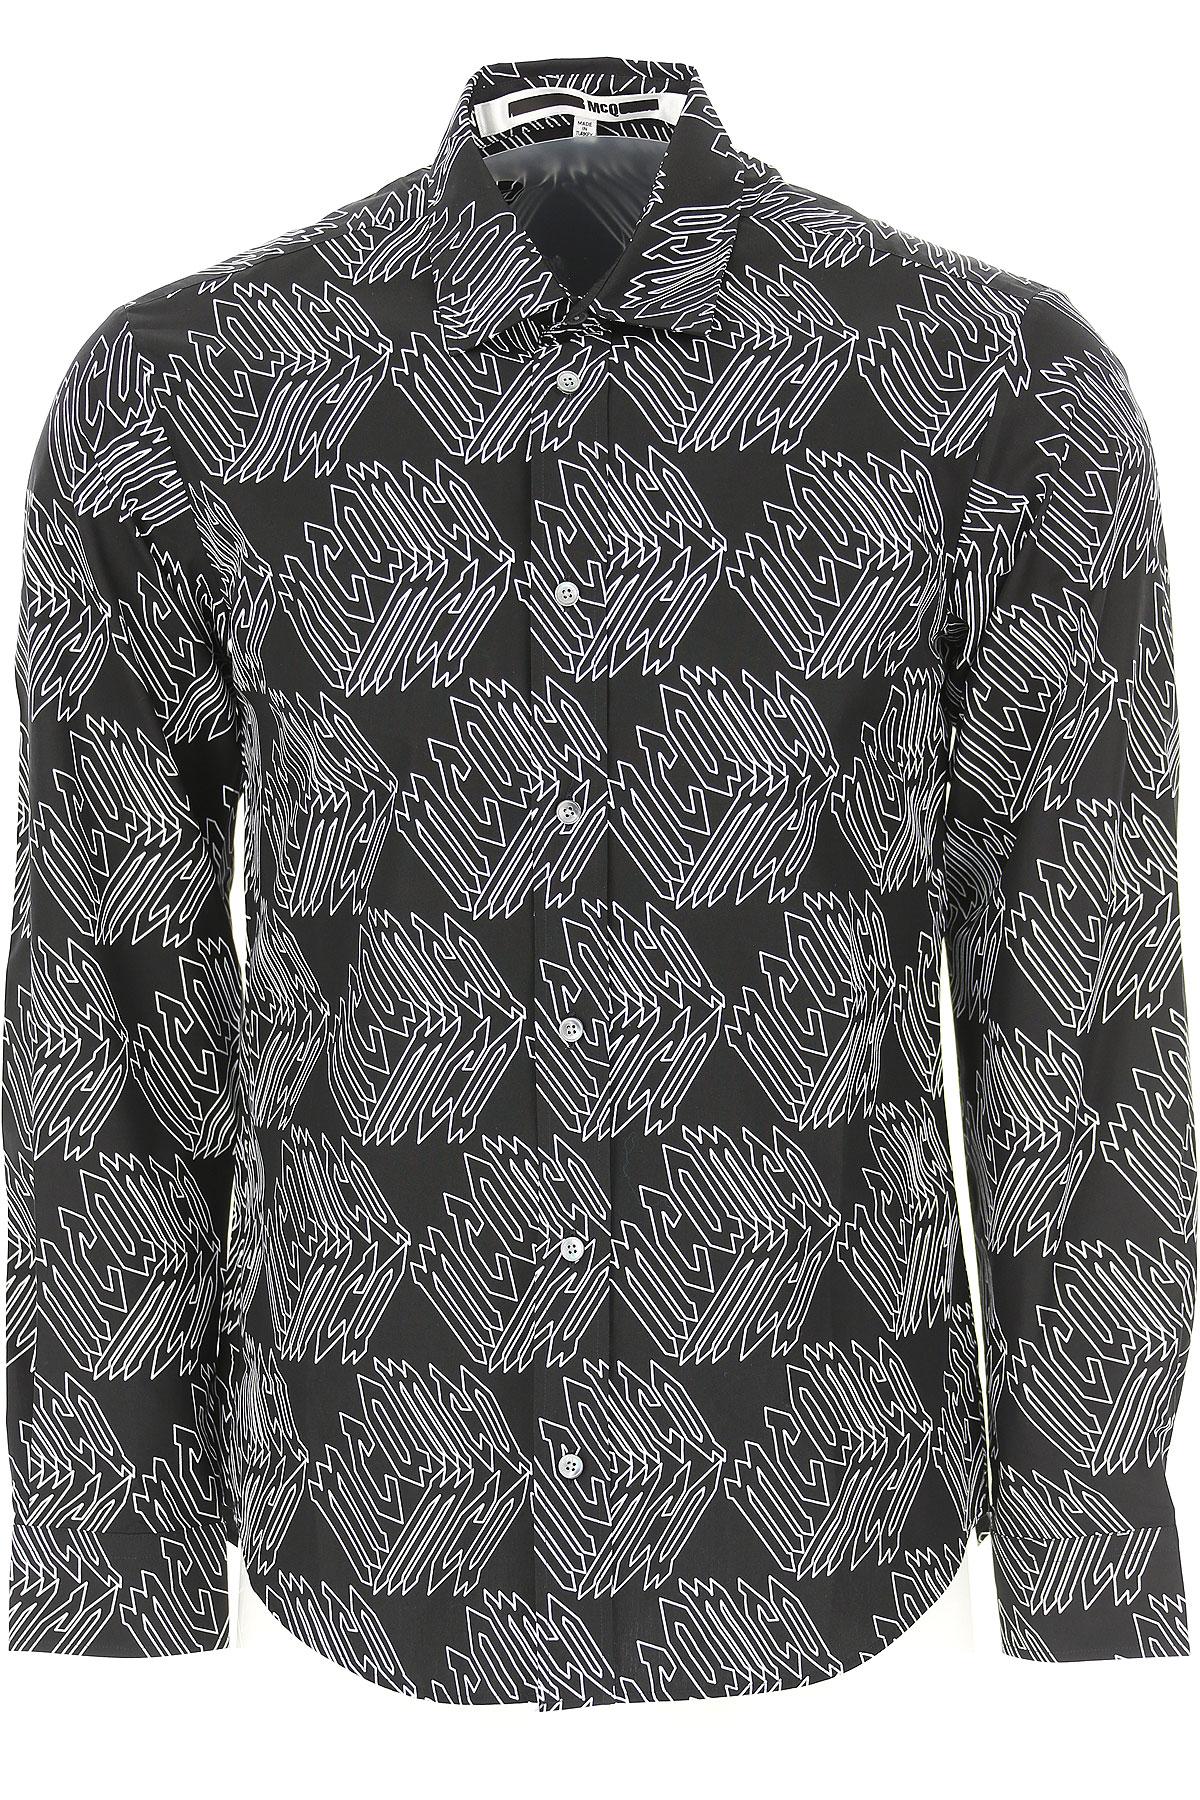 Image of Alexander McQueen McQ Shirt for Men, Black, Cotton, 2017, S • IT 46 M • IT 48 L • IT 50 XL • IT 52